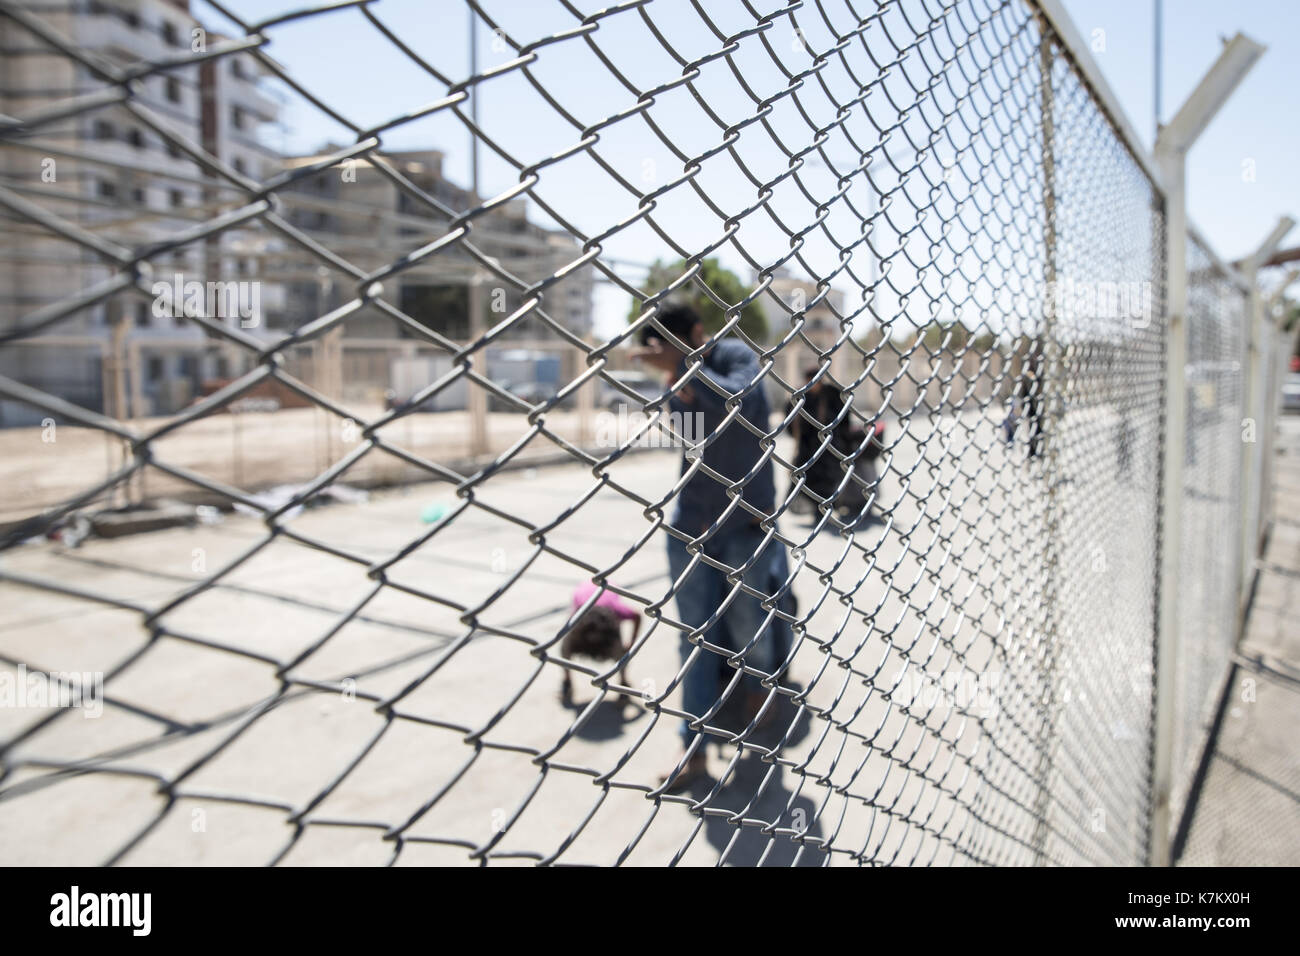 Turkey Syria Kilis Border Stock Photos & Turkey Syria Kilis Border ...